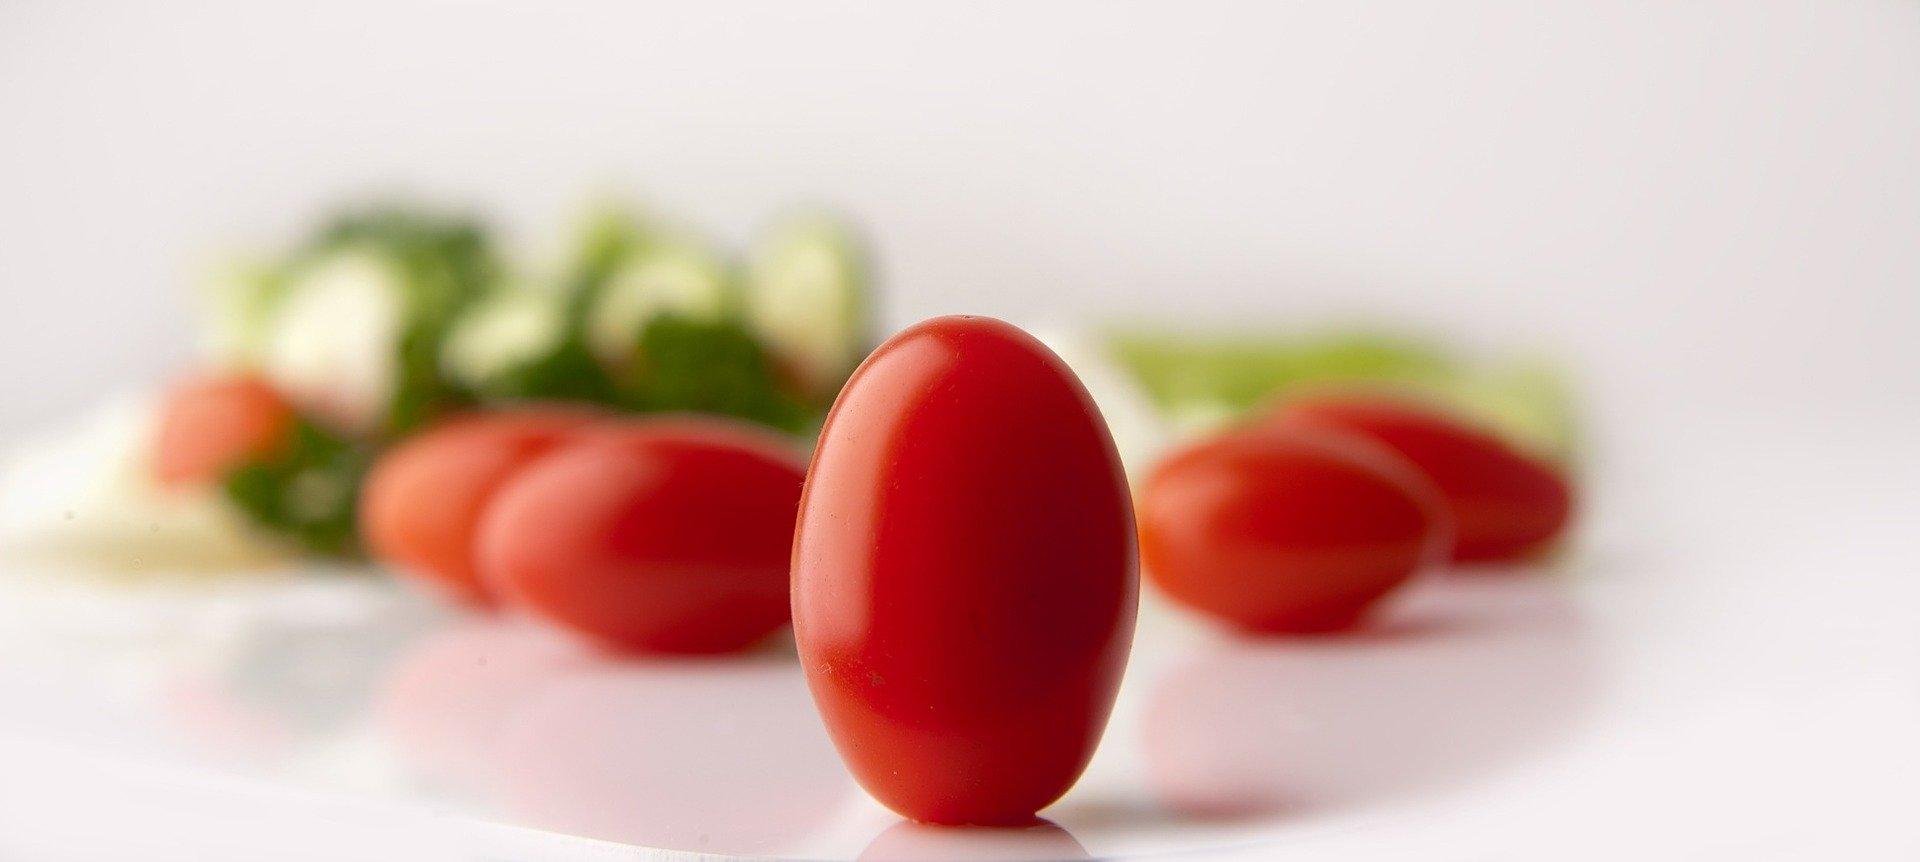 pomodori su un tavolo bianco di cui uno in primo piano